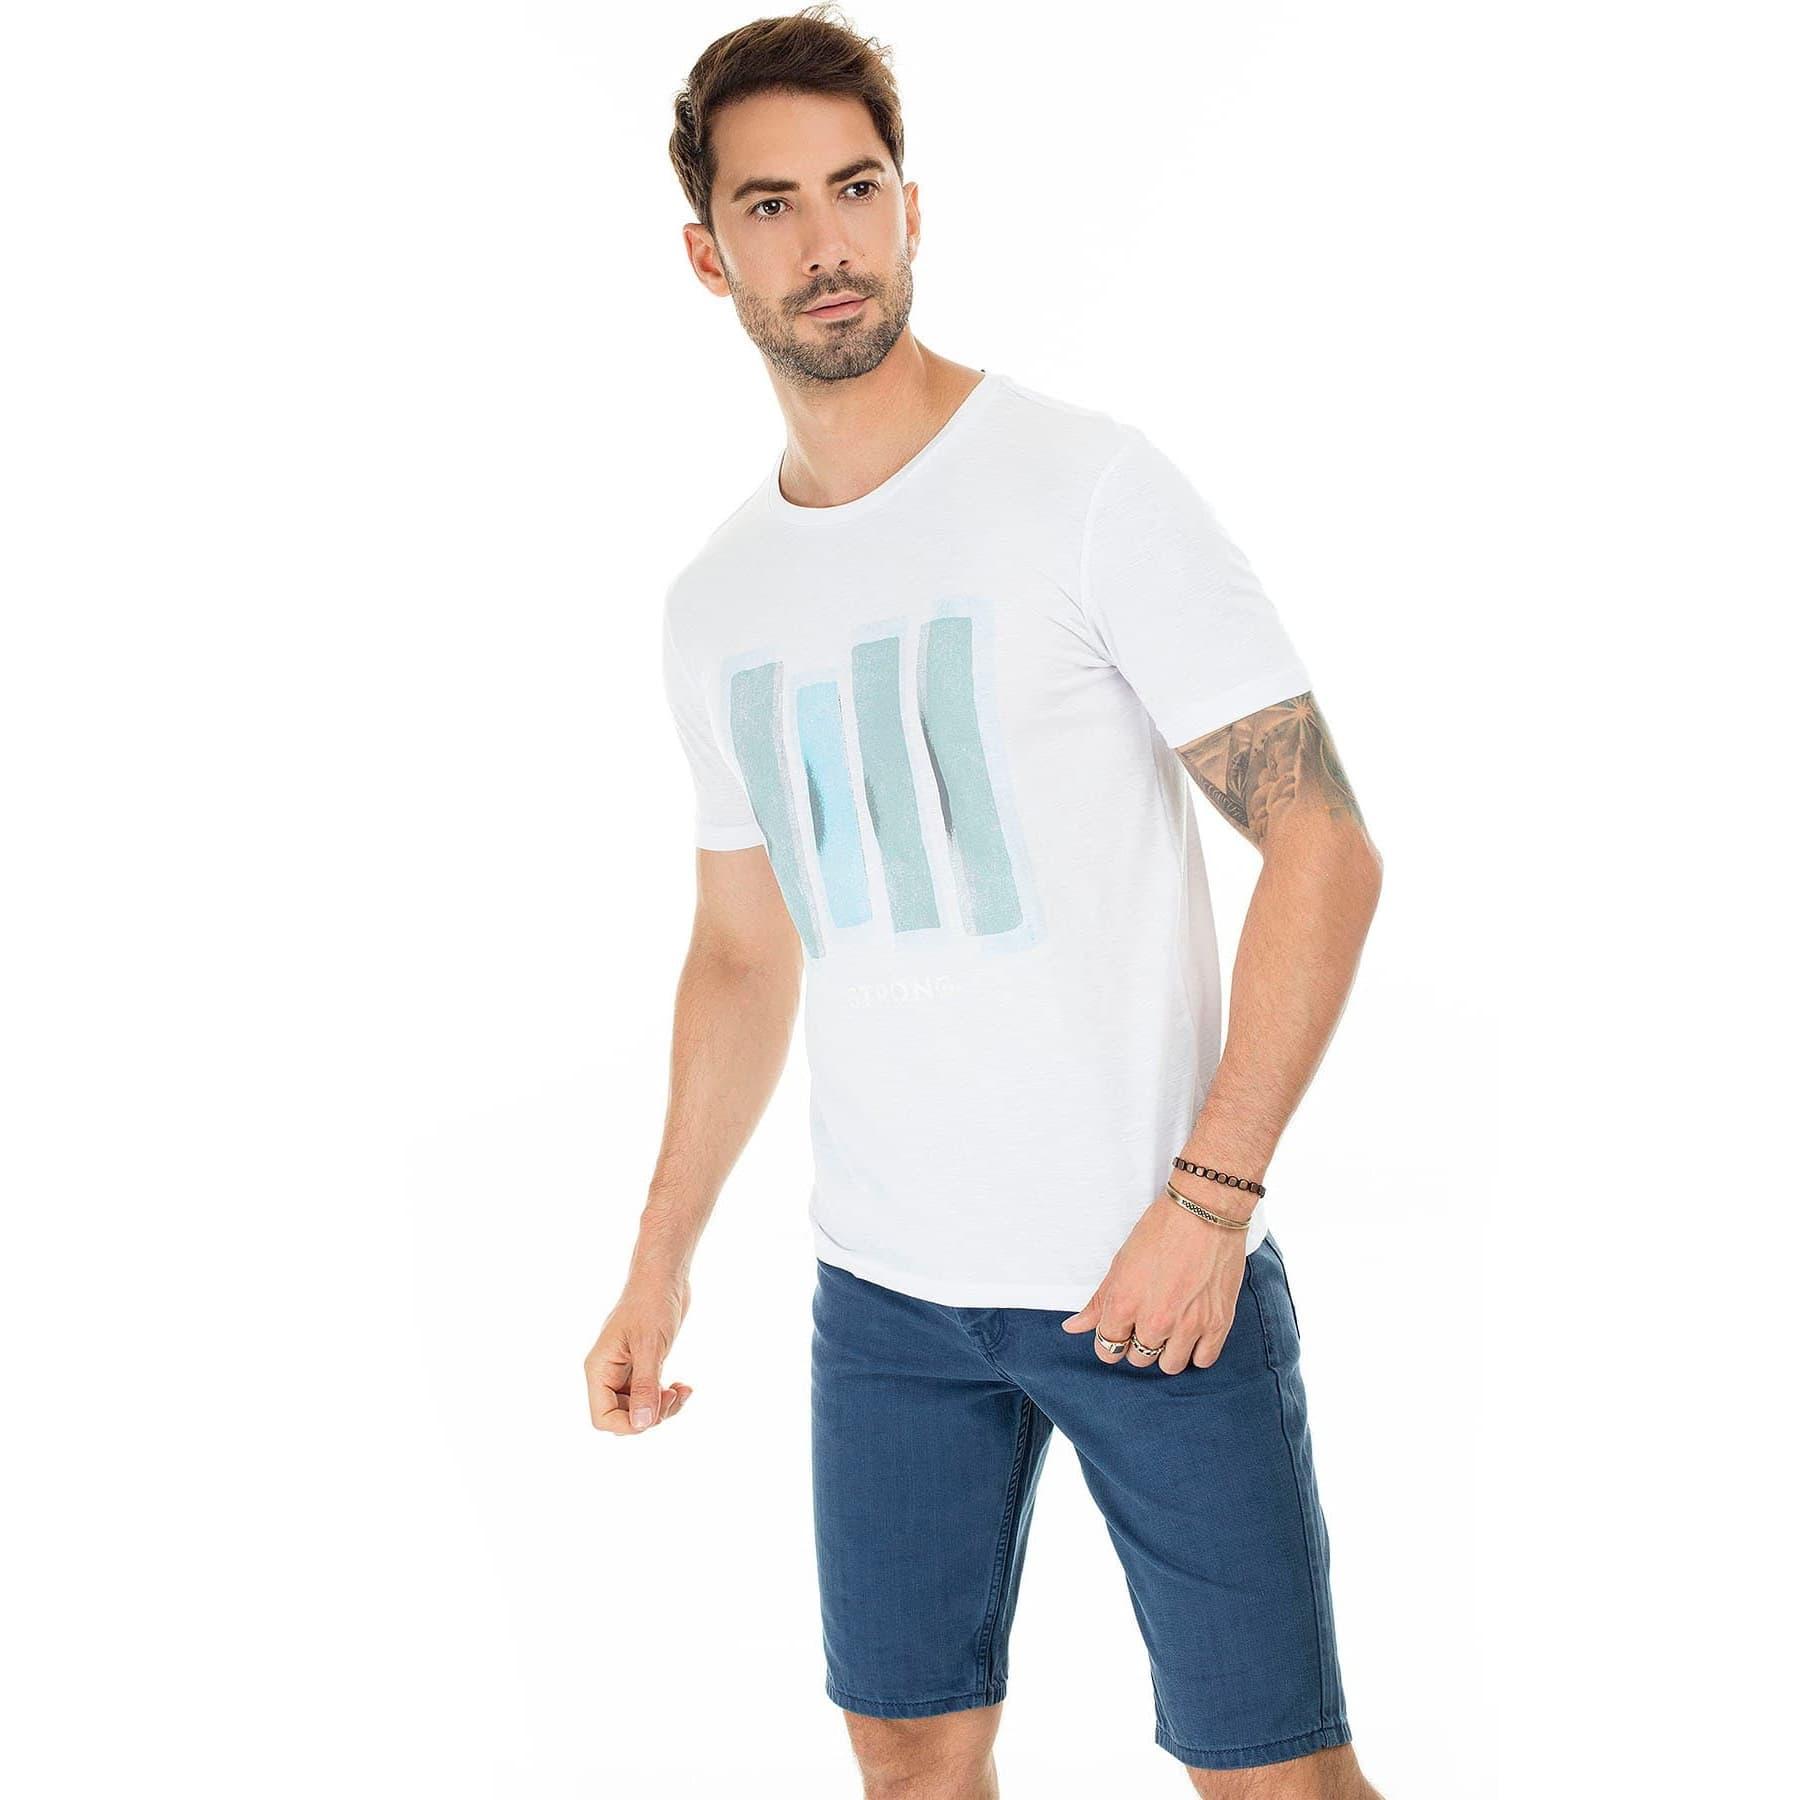 Mavi Jeans Dikdörtgen Baskılı Erkek Tişört